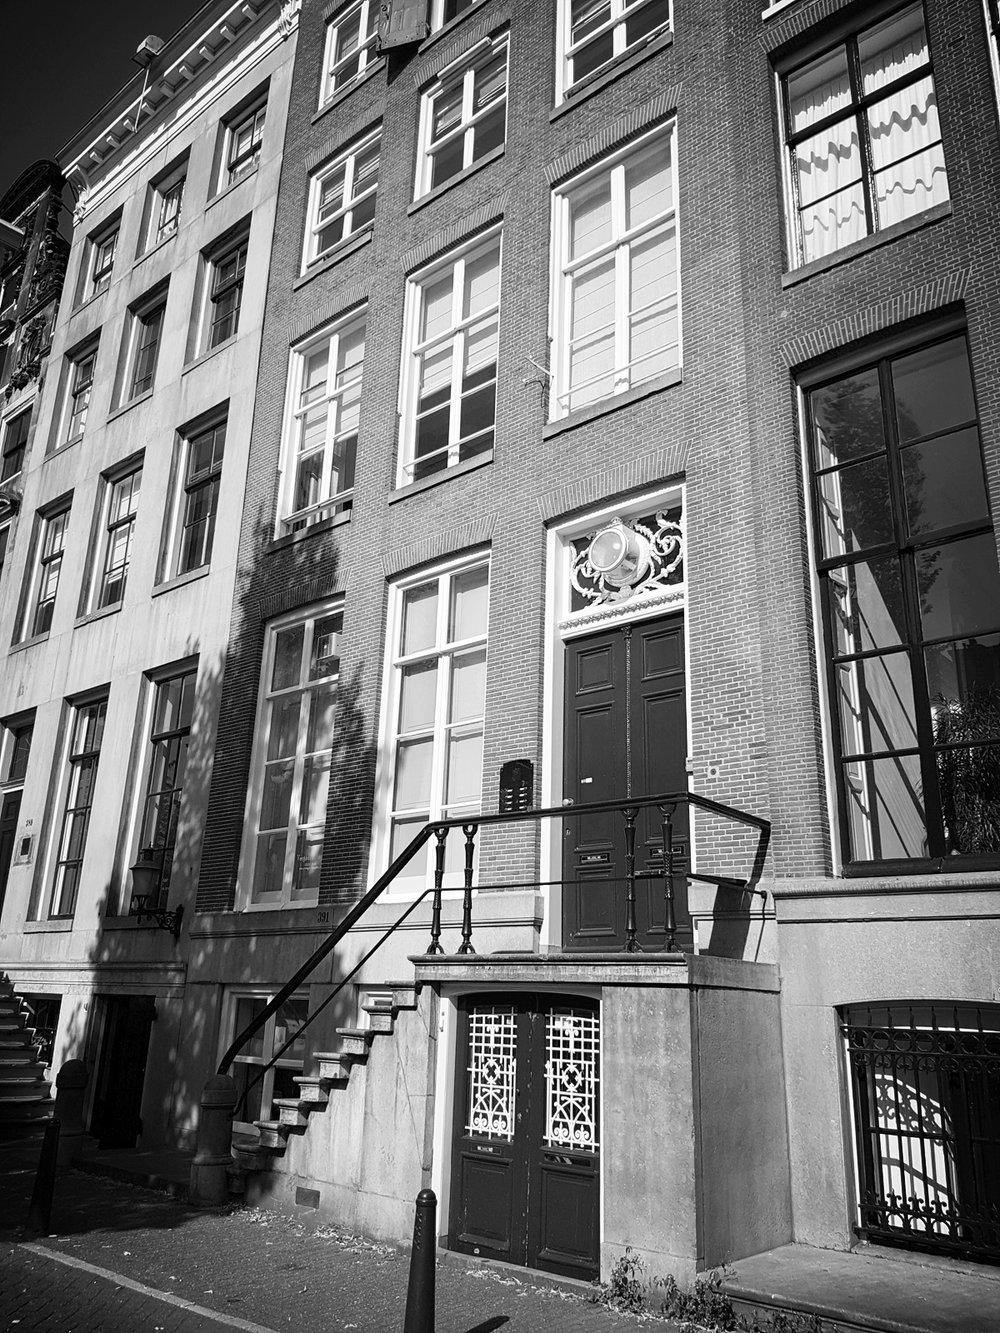 JuridischAdviesVoorBedrijven.nl, onderdeel van MusicaJuridica BV, opent nieuwe vestiging aan Keizersgracht in Amsterdam.